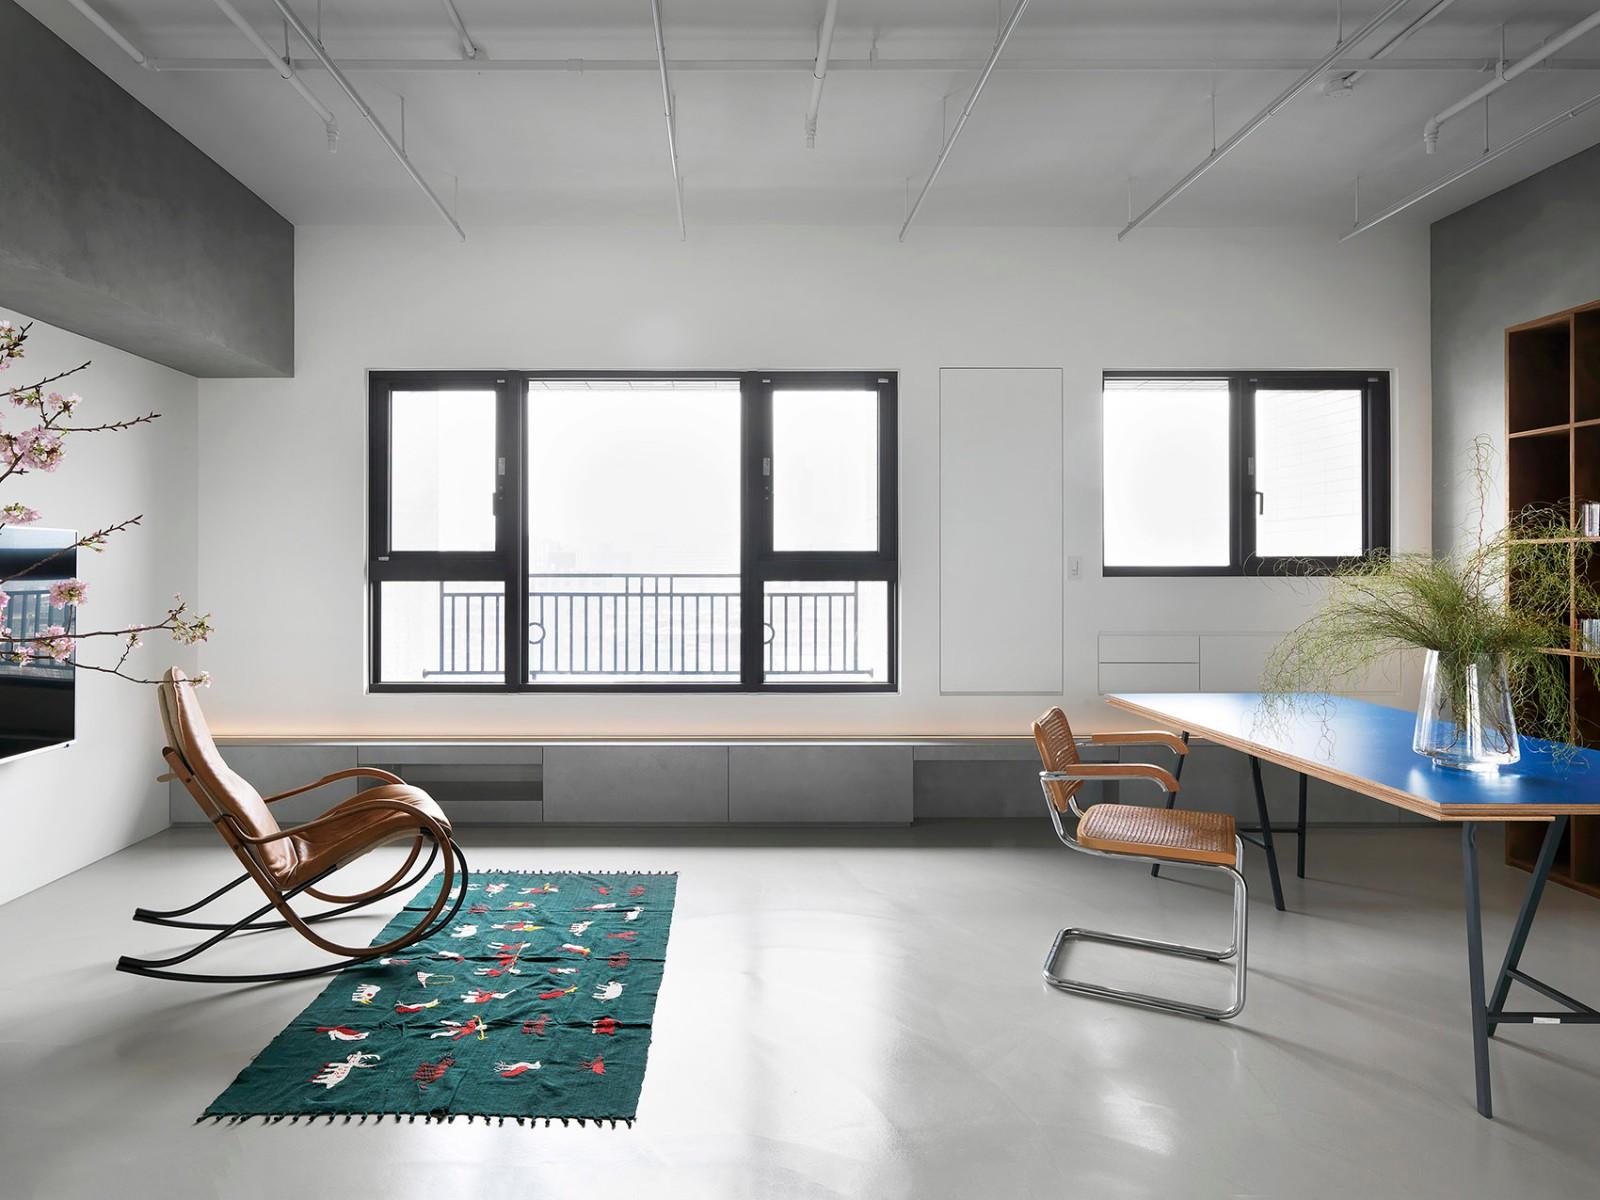 2019工业客厅装修设计 2019工业地砖装修效果图大全